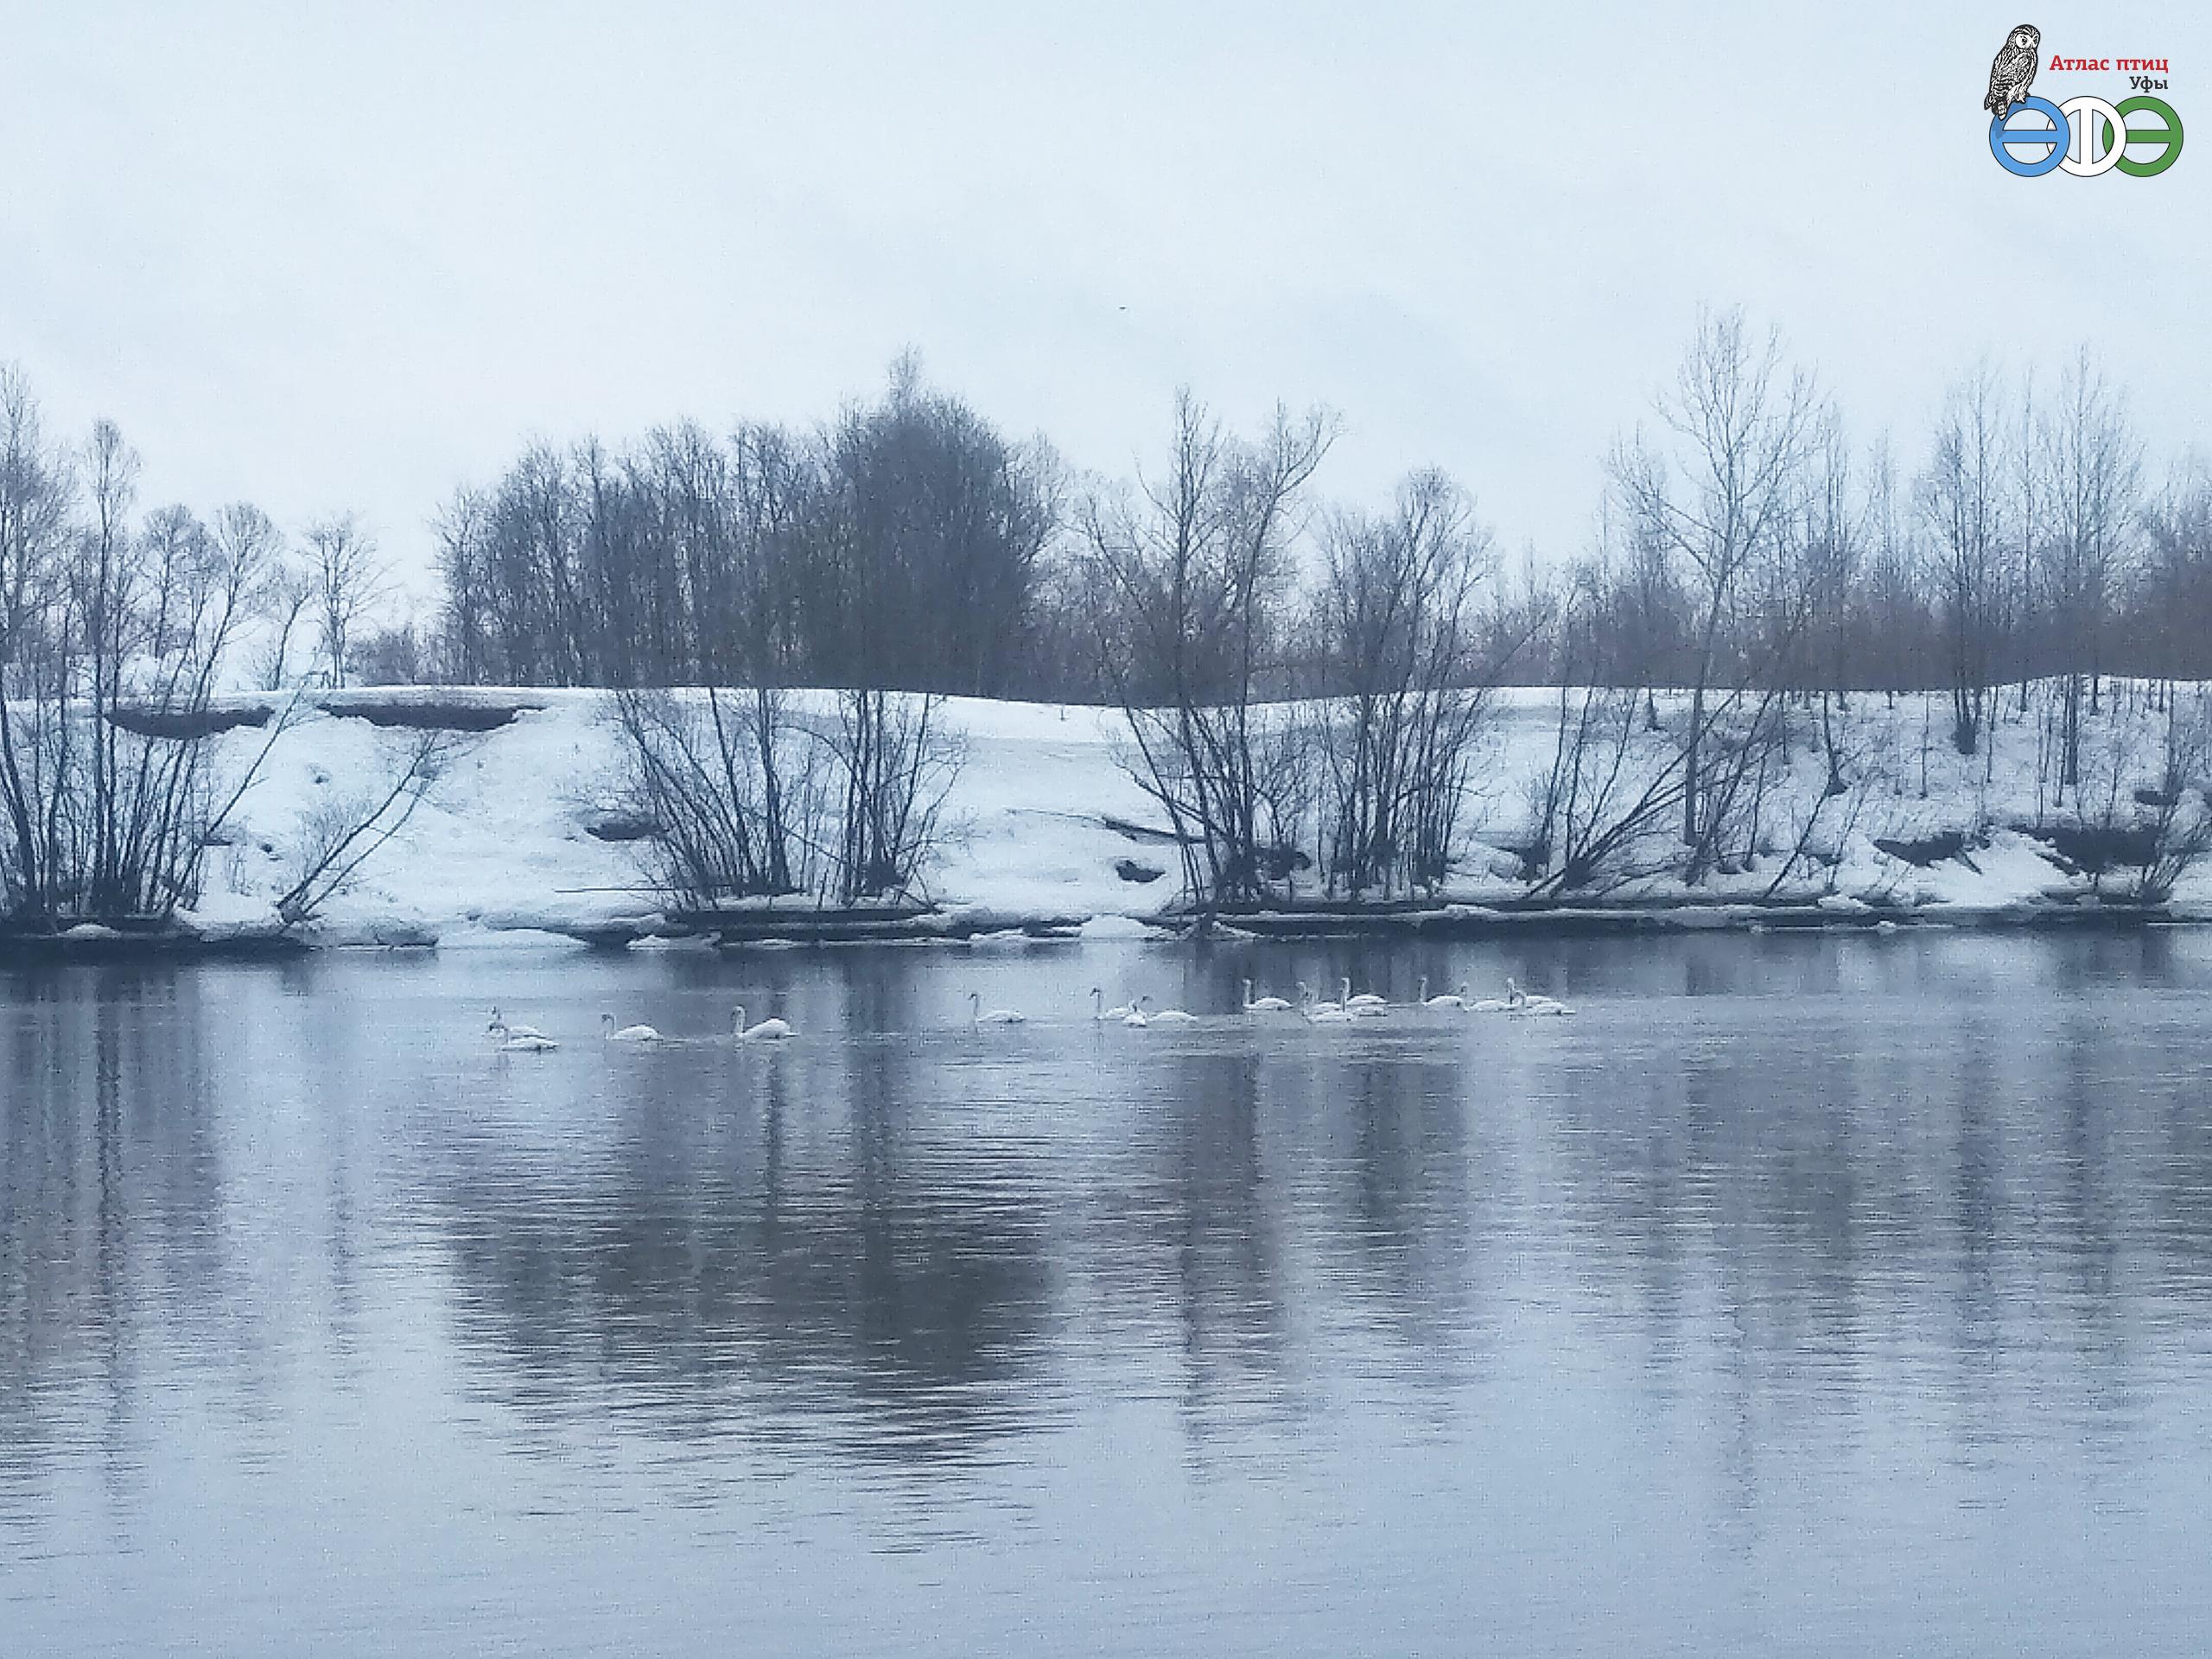 Лебеди-шипуны. 13.03.20 Уфа, Бикбая фото Руденко К.